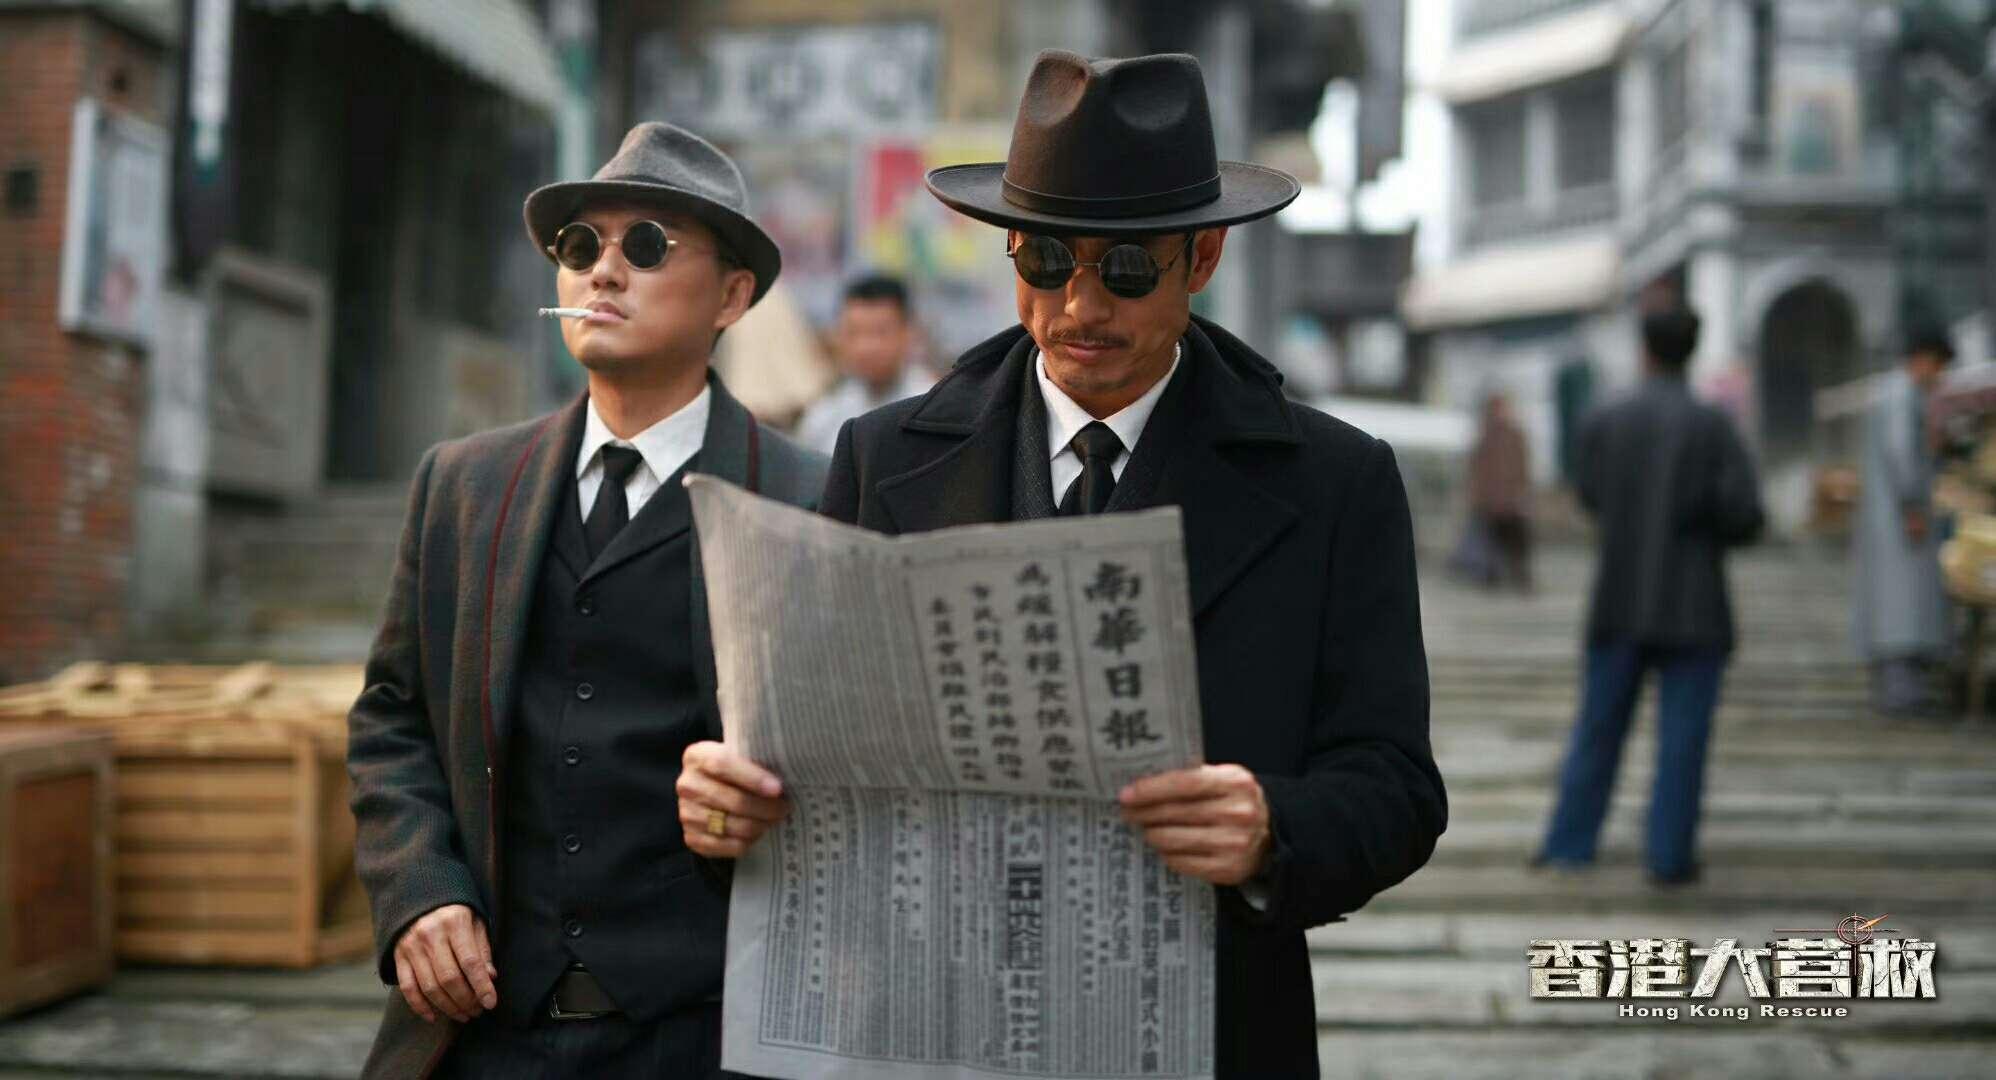 奉命在香港寻找文化界人士的叶伟强和当地混混潘葆荃